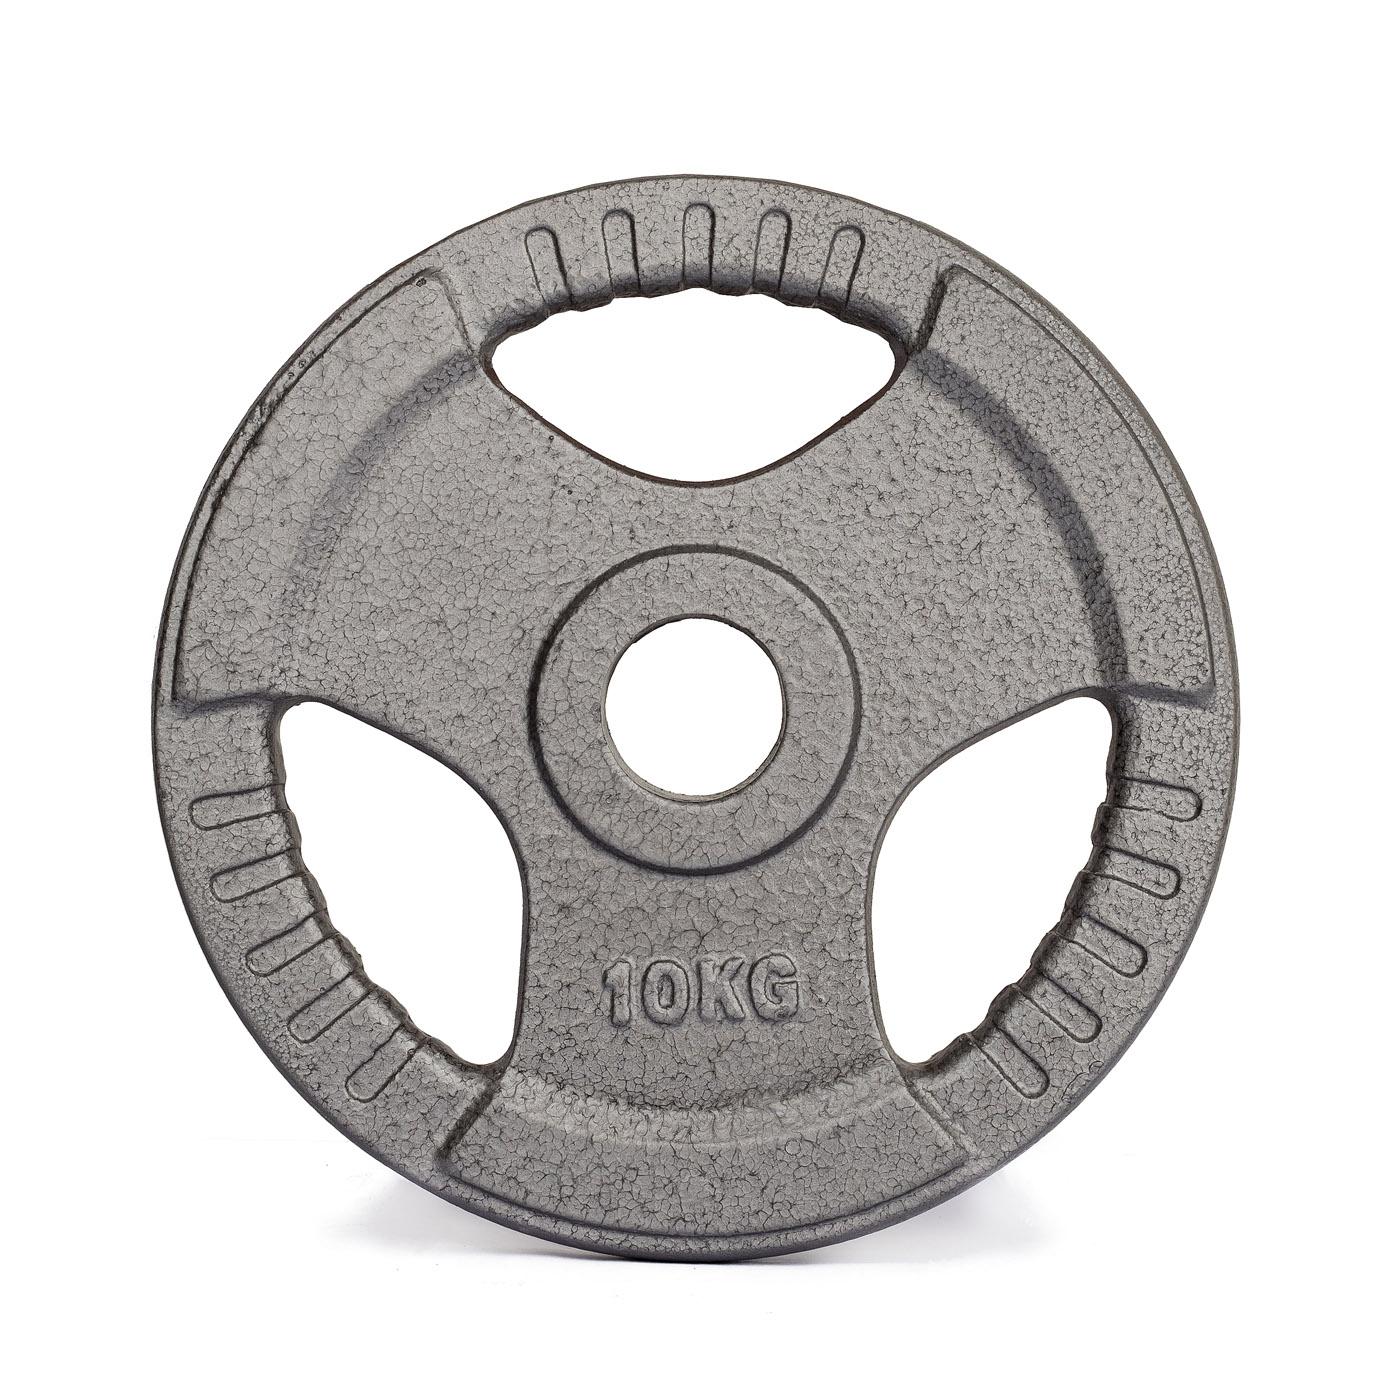 Kotouč olympijský TRINFIT litina 10 kg / 50 mm